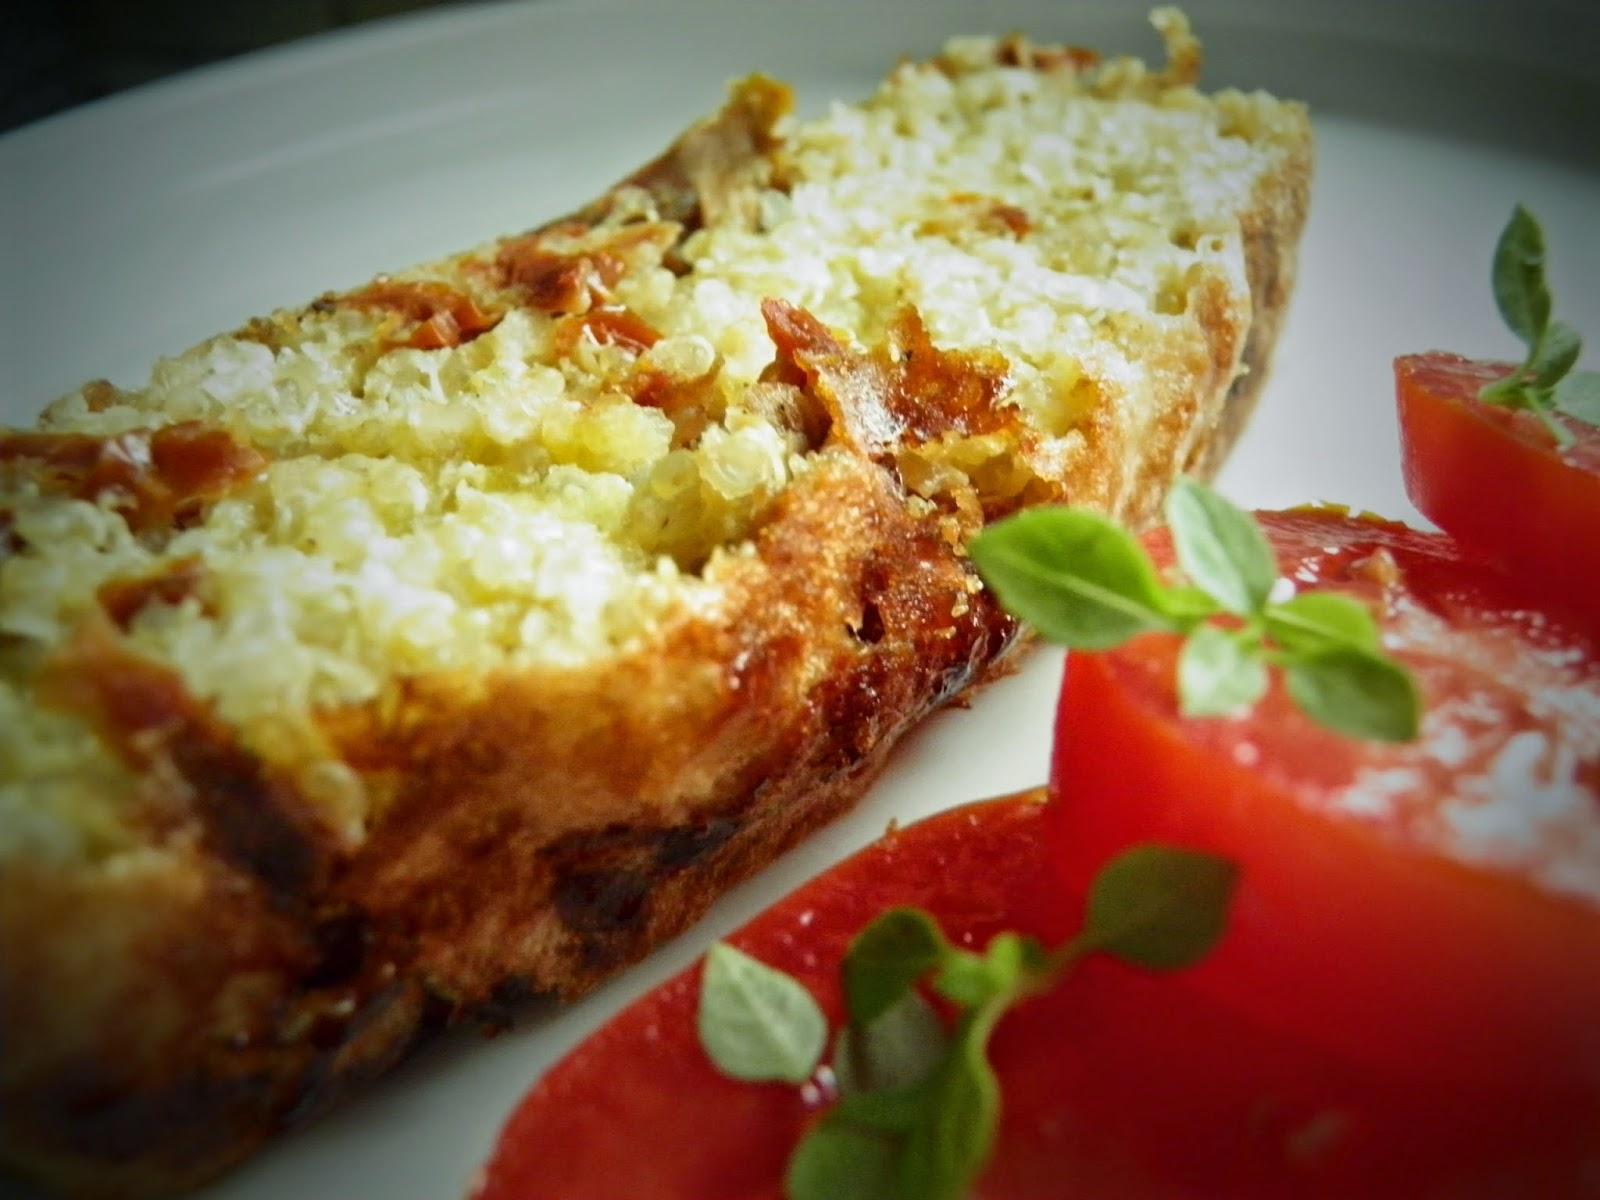 Chlebek z komosy ryżowej z dynią i pomidorami